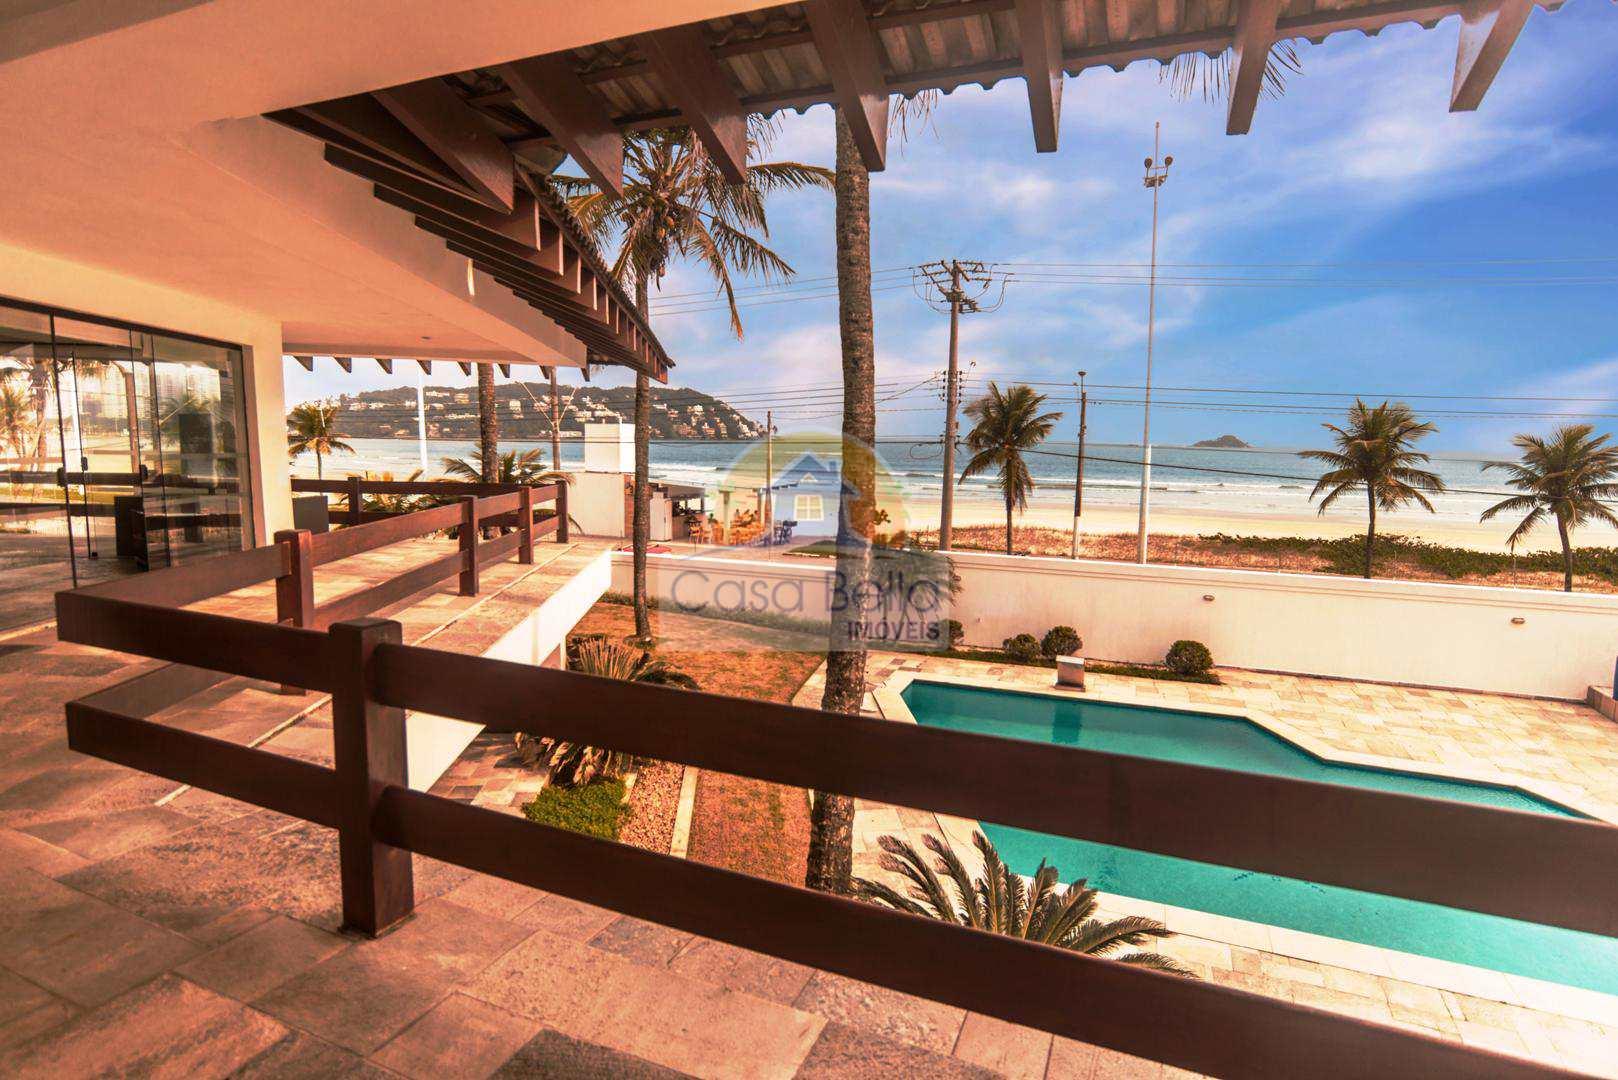 Sobrado com 8 dorms, Praia da Enseada, Guarujá - R$ 7.000.000,00, 1.400m² - Codigo: 2877